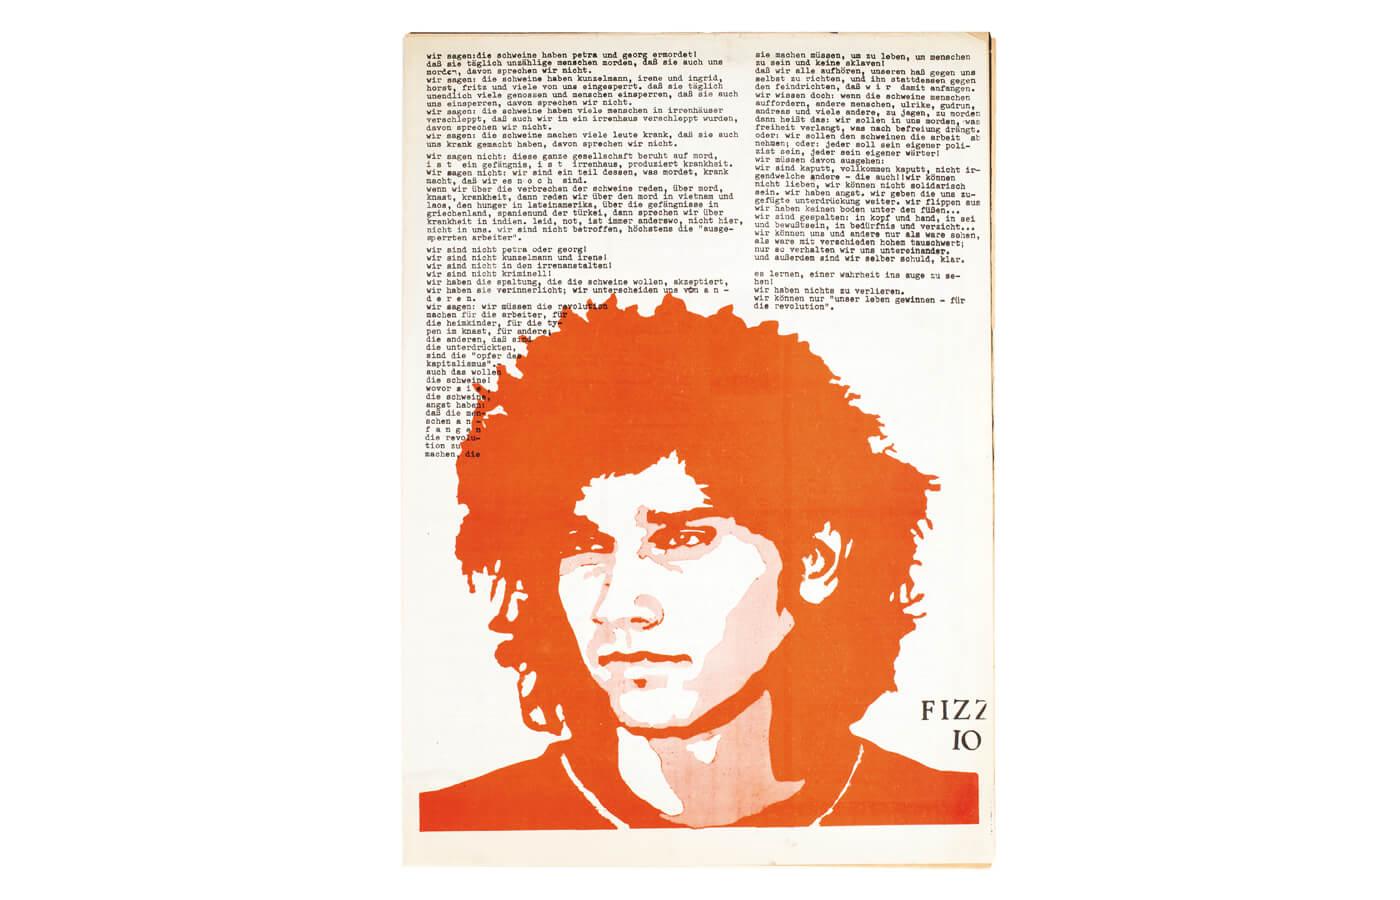 Fizz #10